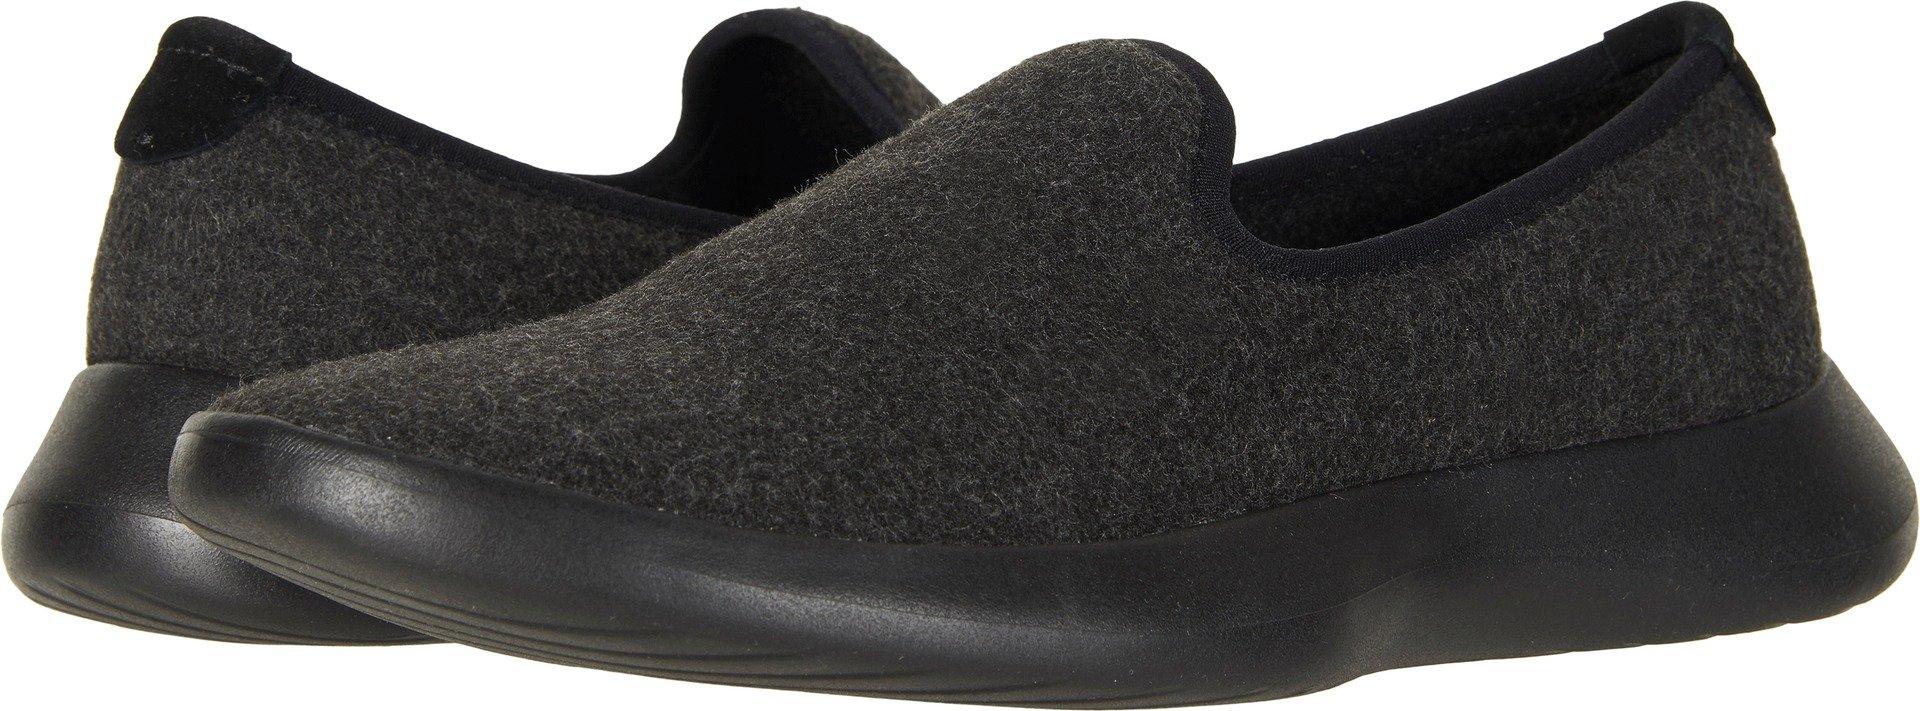 STEVEN by Steve Madden Women's TRIPER Walking Shoe, Black, 9 M US